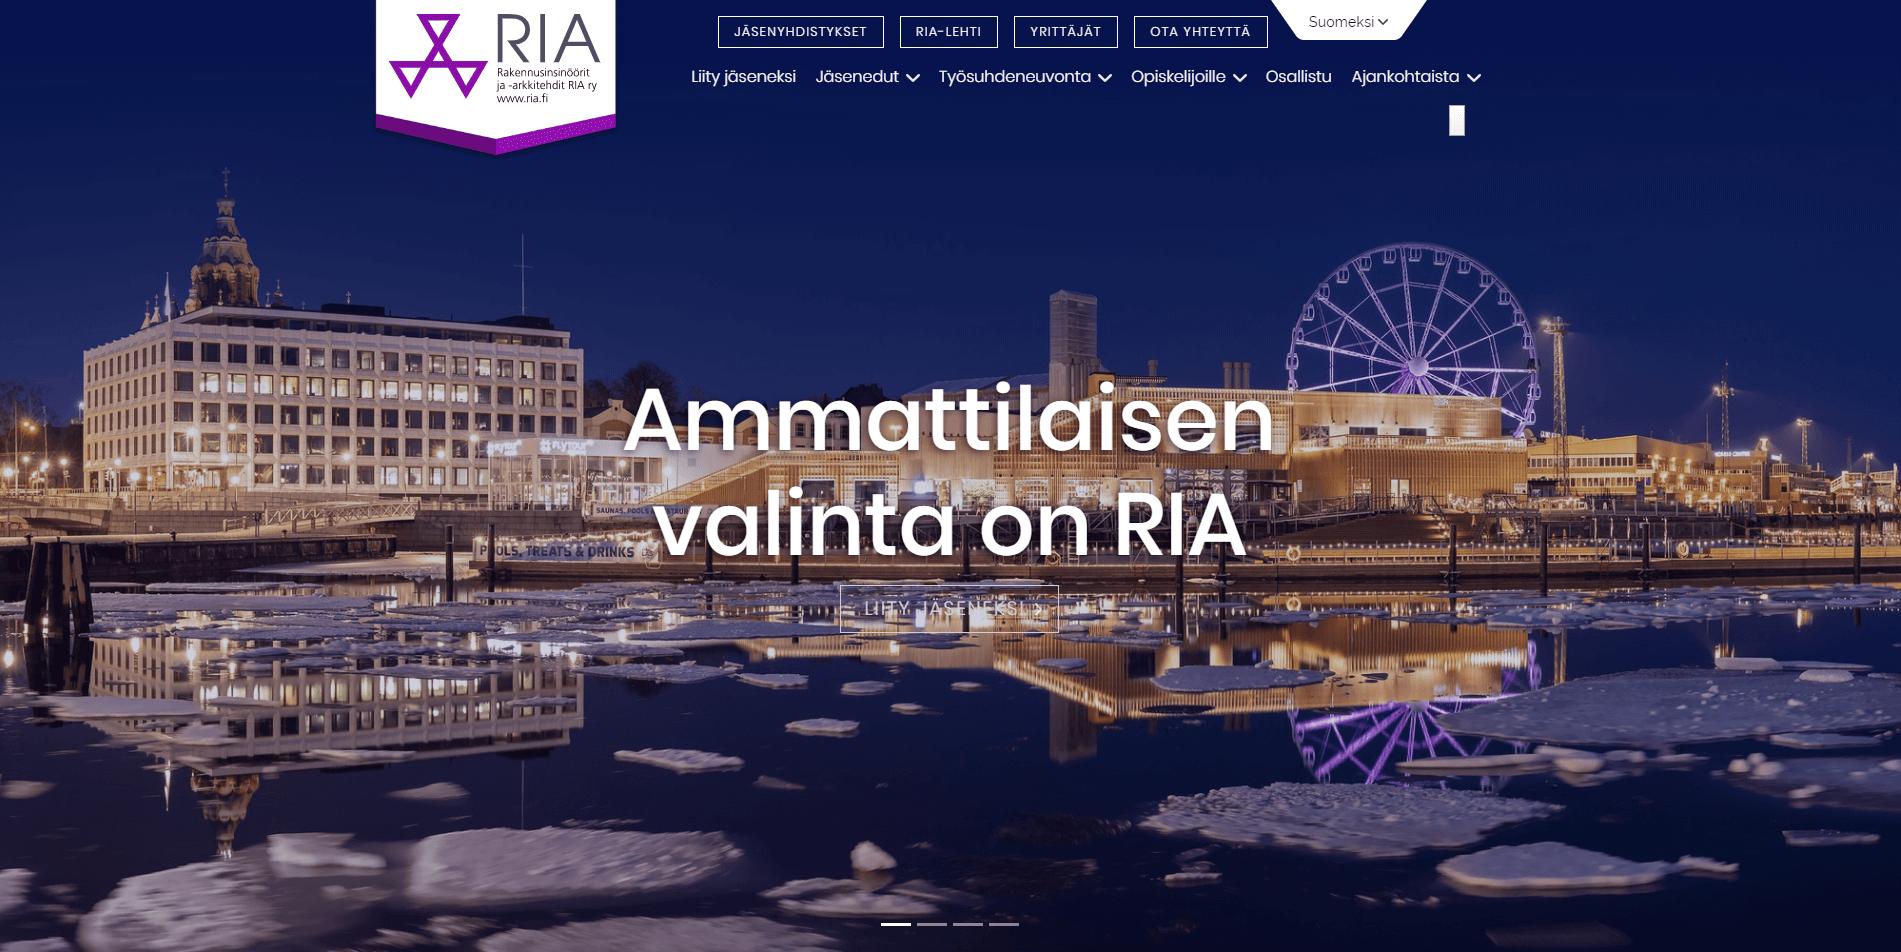 RIA verkkosivut ja yritysilme